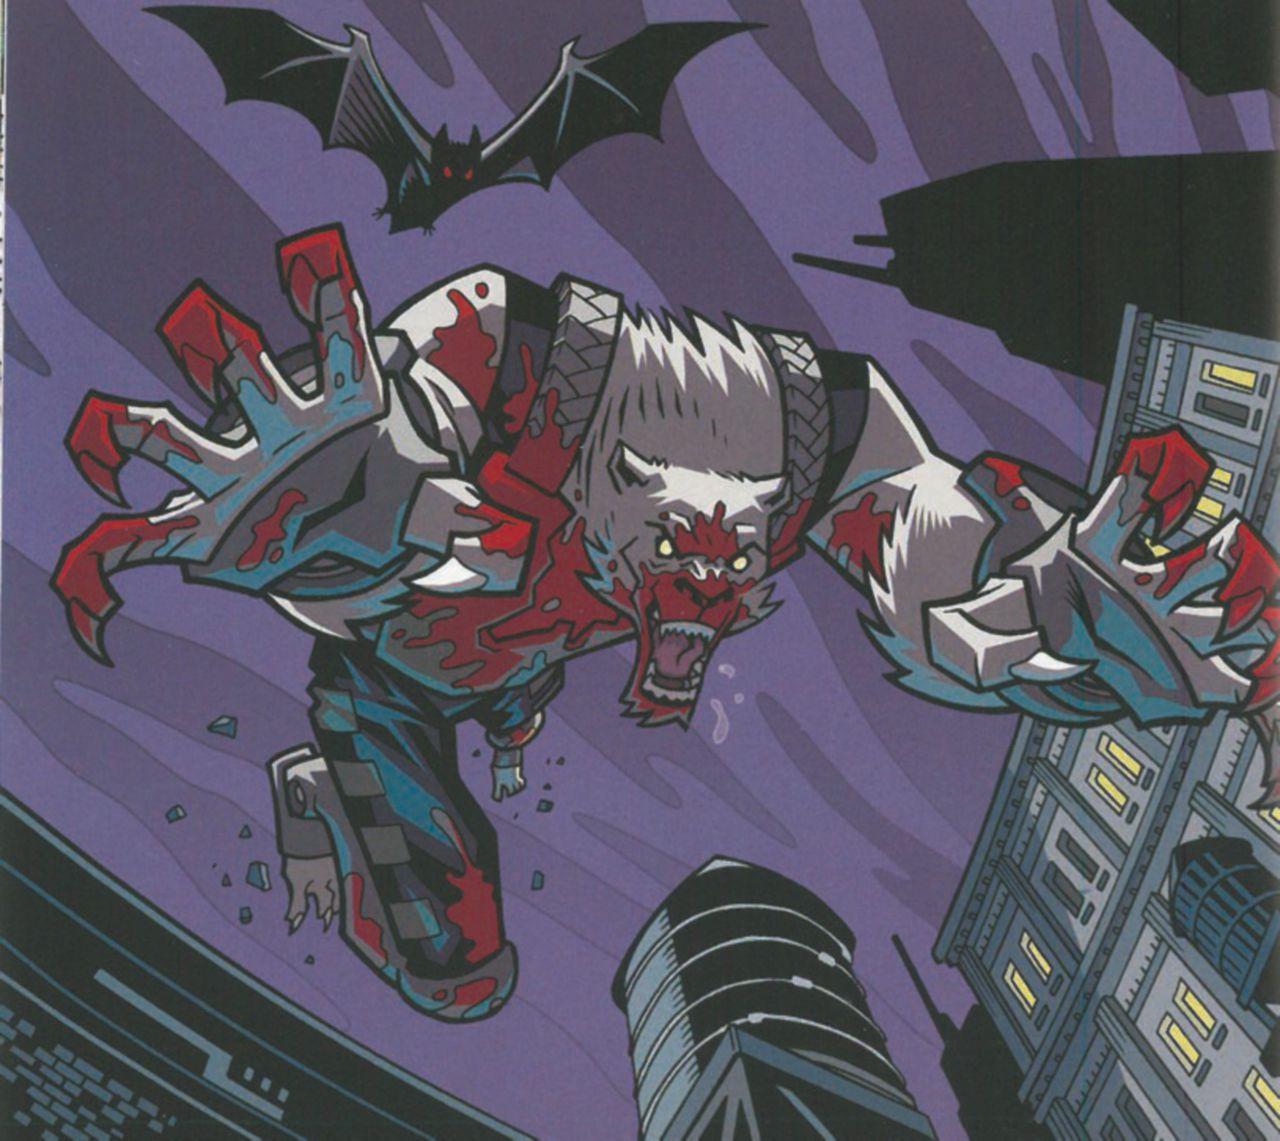 Wolf-Man, il metafumetto di Kirkman: l'ultima possibilità di essere originali è usare i clichè